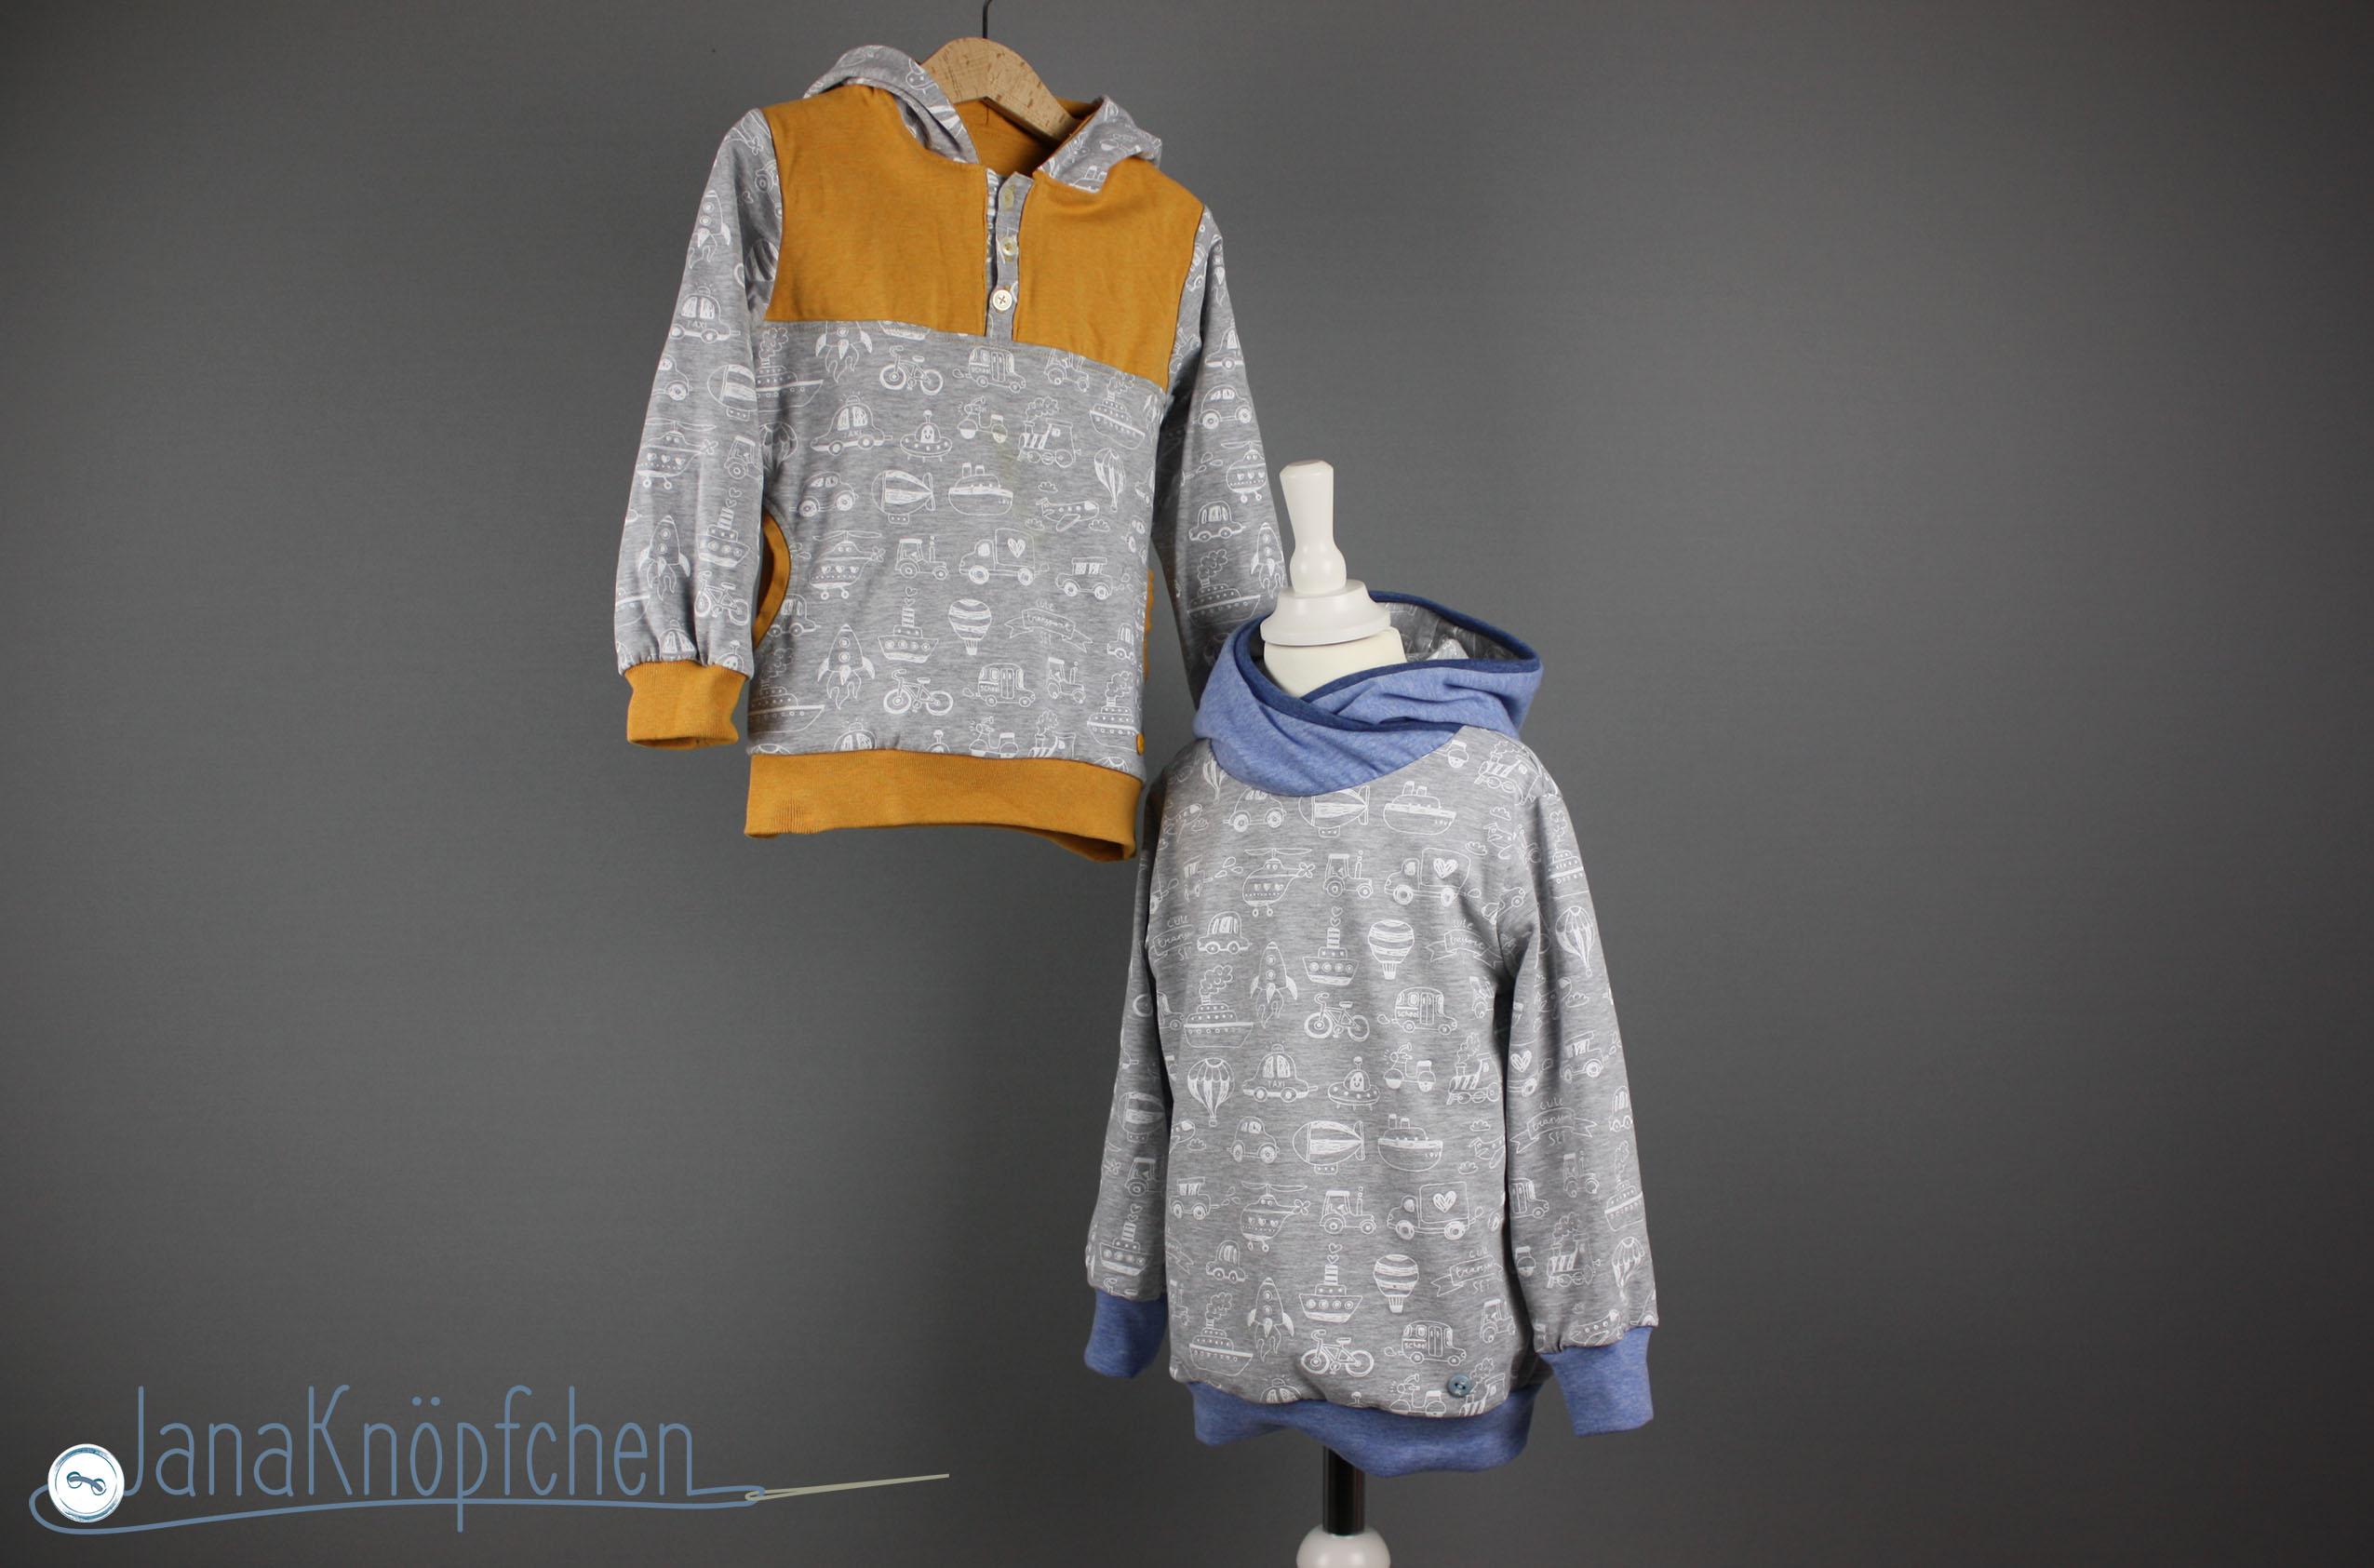 Hoodie für Jungs nähen - zwei Hoodies aus einem Stoff nähen. JanaKnöpfchen - Nähblog